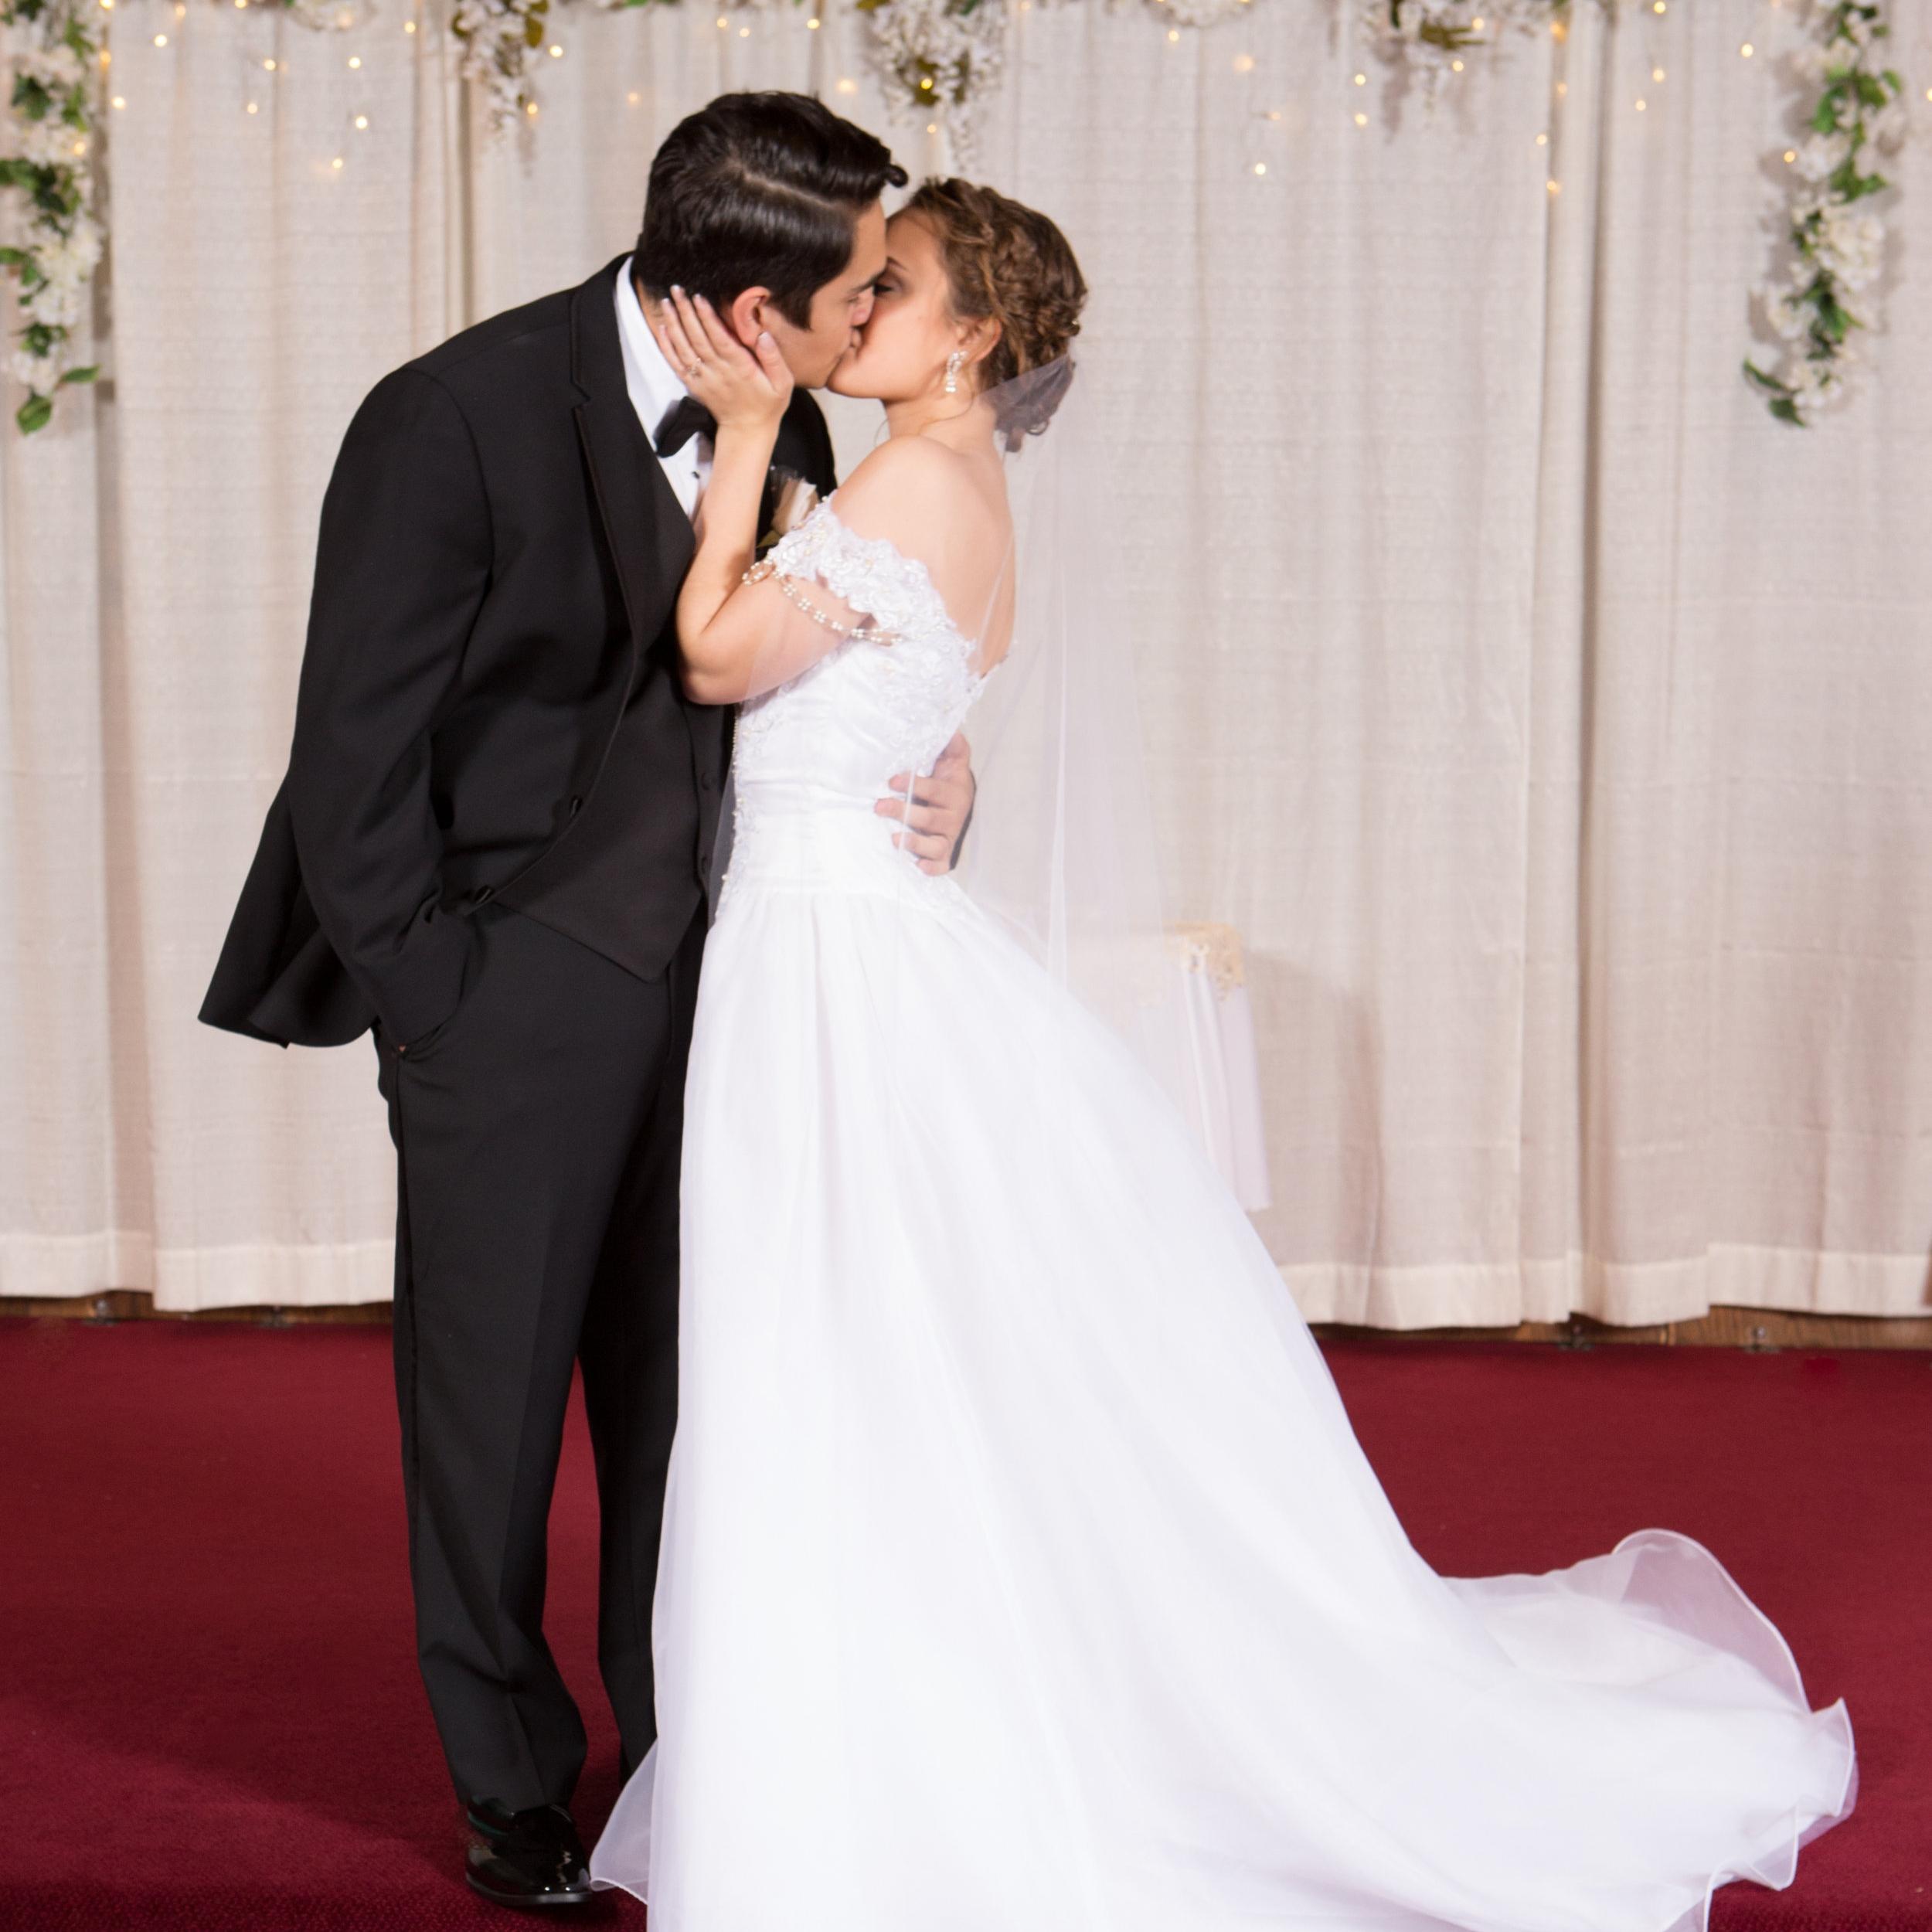 photo cred: Dayton wedding photographer